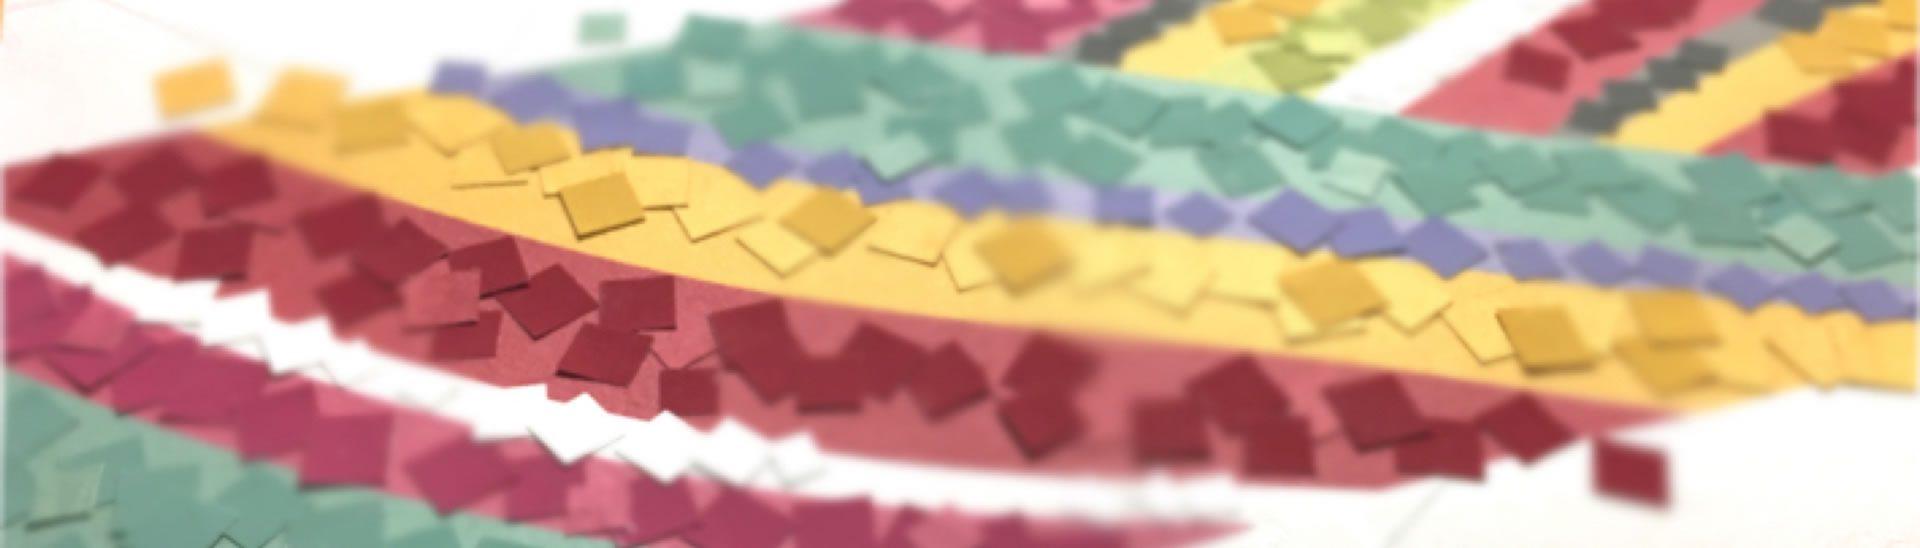 日本の色に関する活動